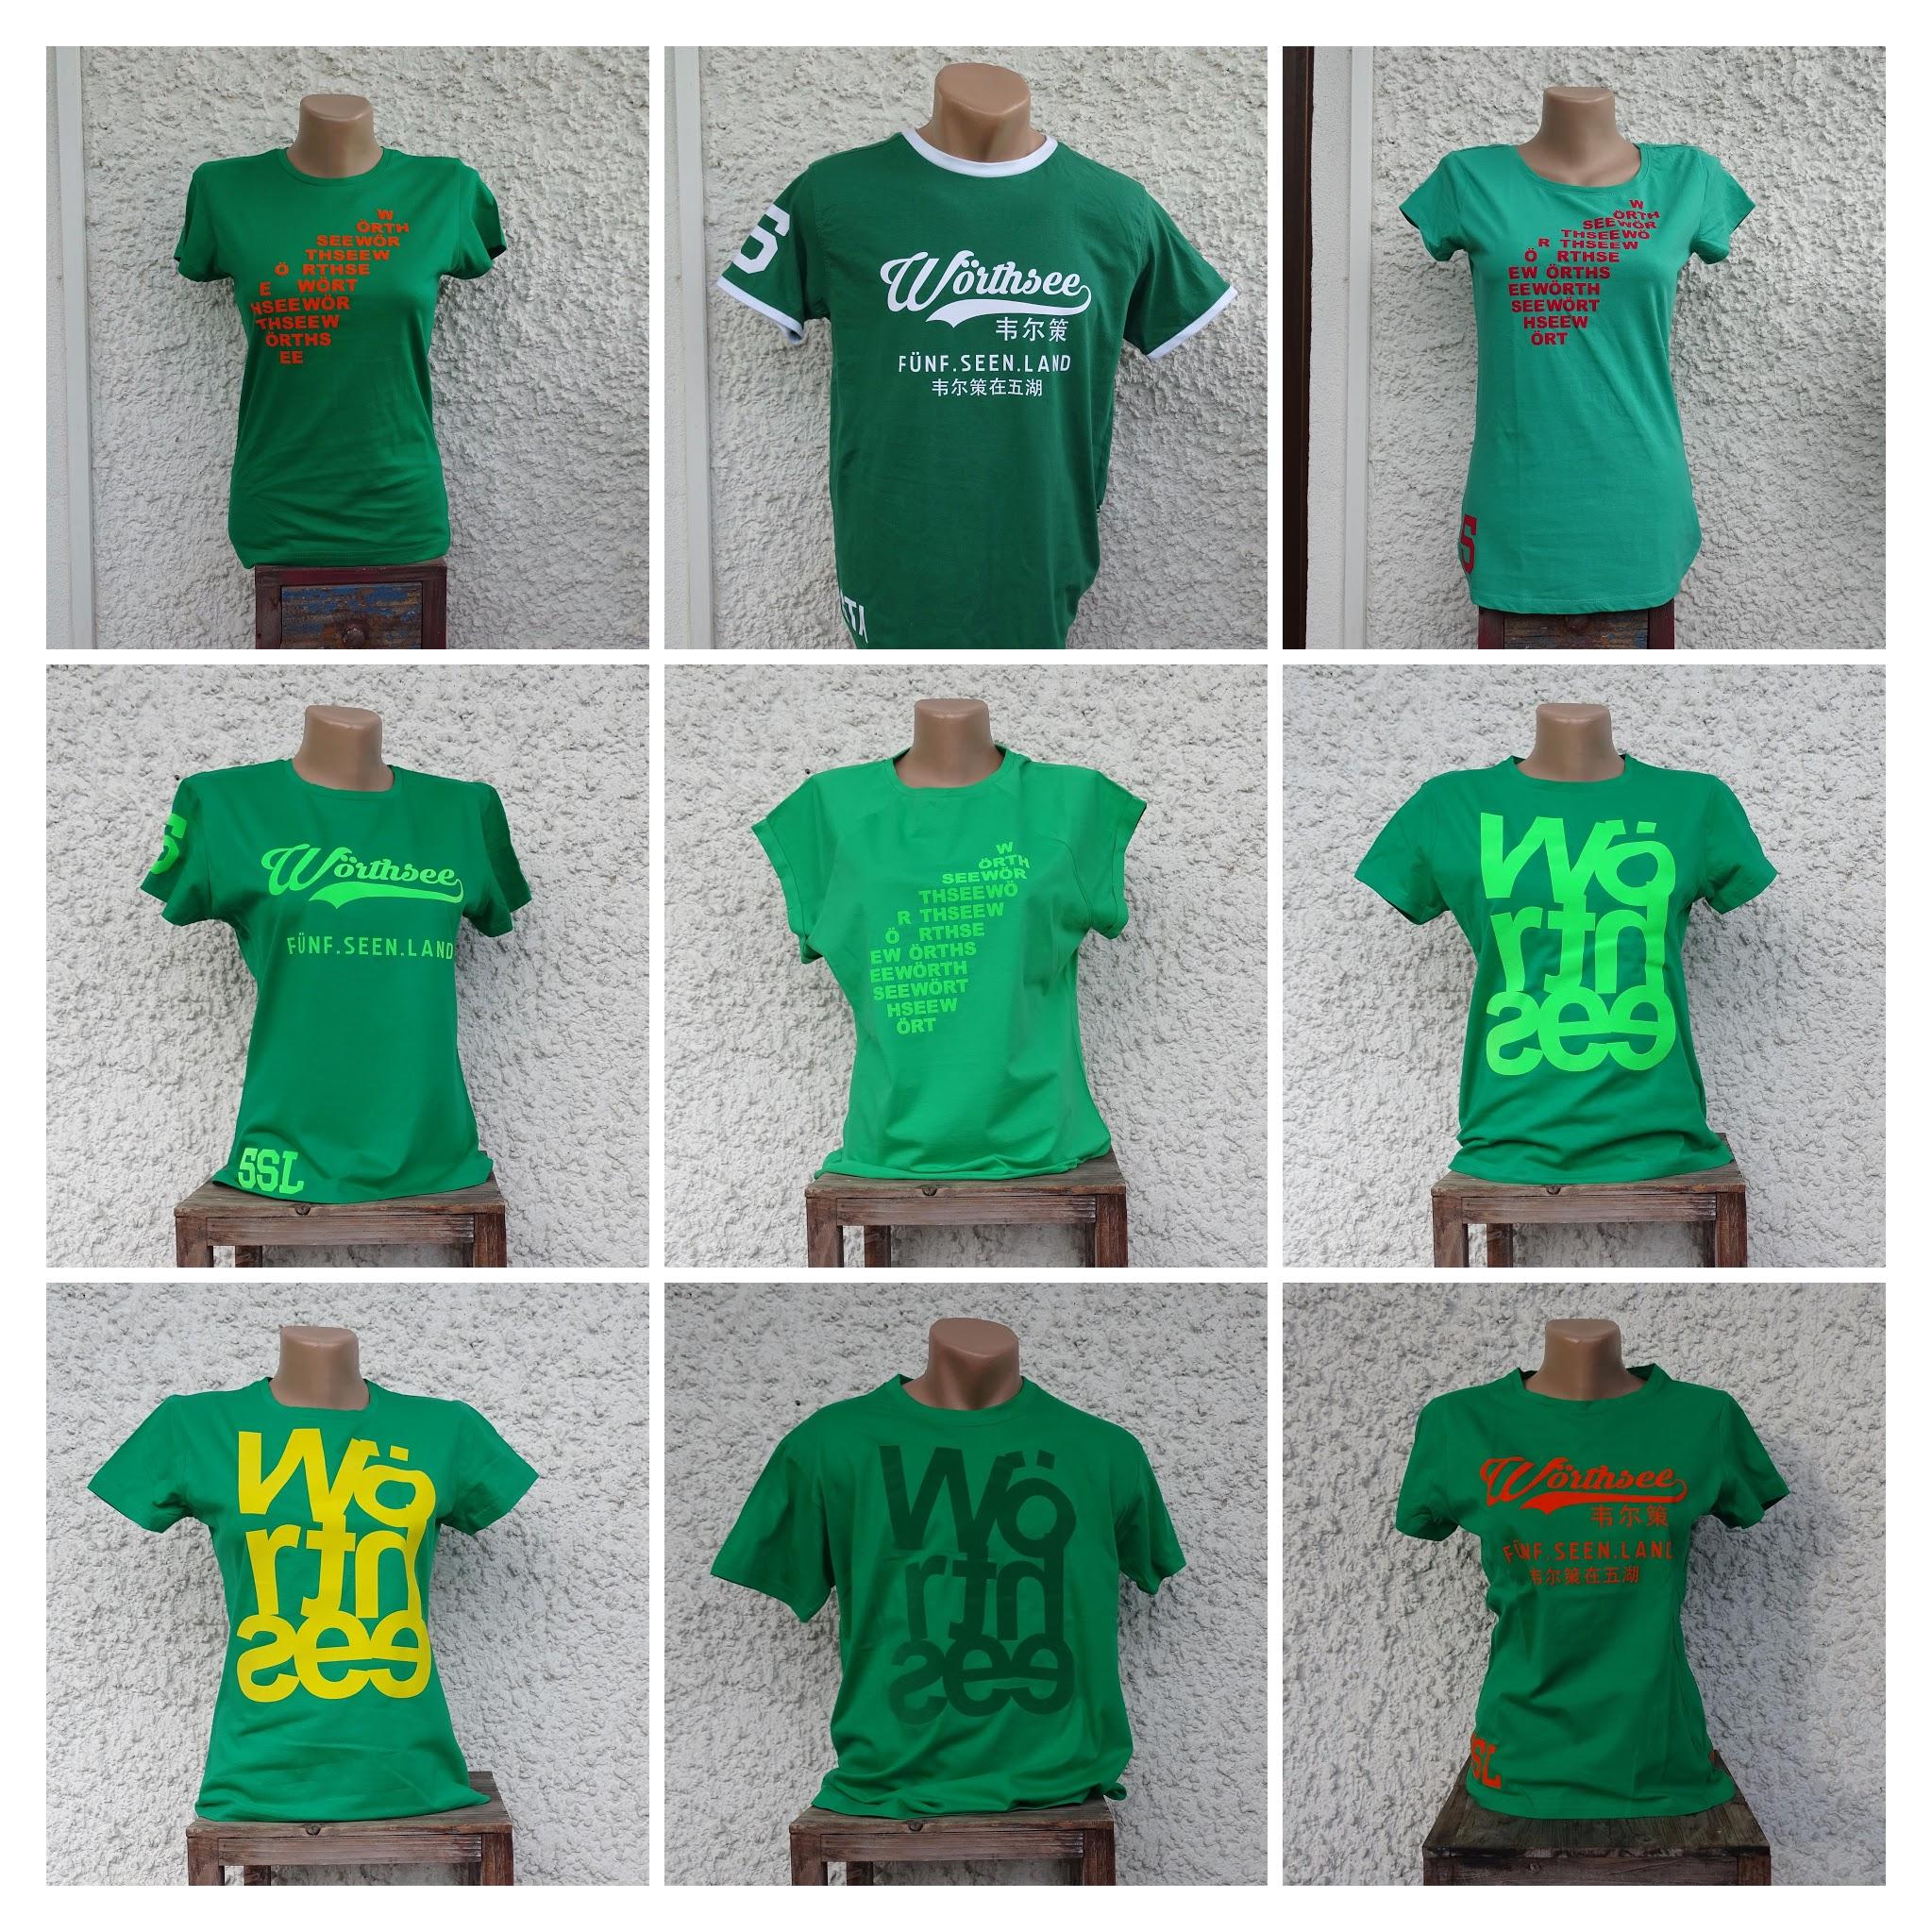 grüne Wörthsee  T-Shirts zwei Wochen lang im Angebot